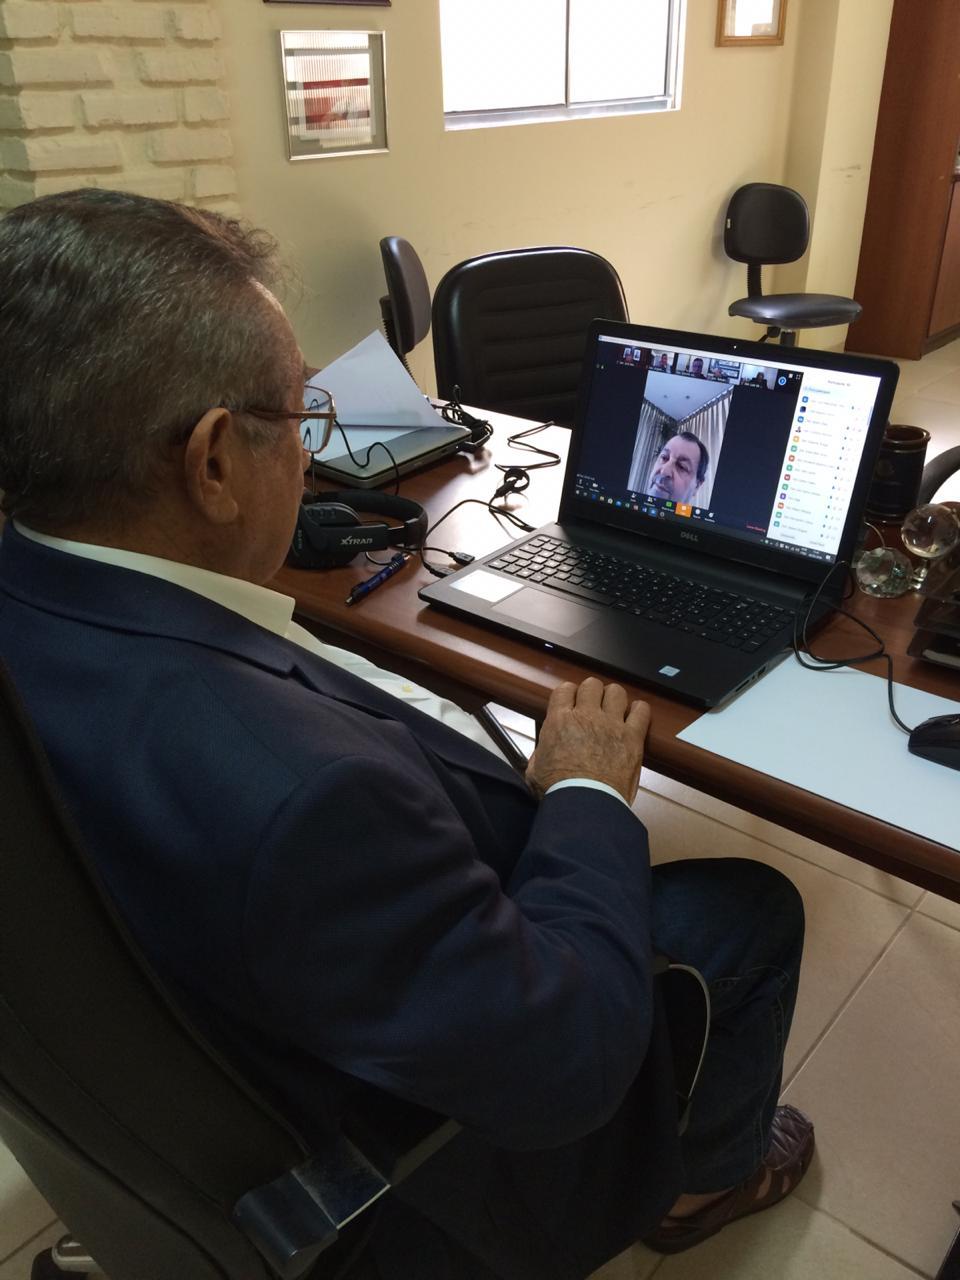 WhatsApp Image 2020 03 20 at 15.34.10 1 - EXCLUSIVO: senador Maranhão descreve 'forte gripe', usa máscara ao receber visitas e reforça cuidados com saúde